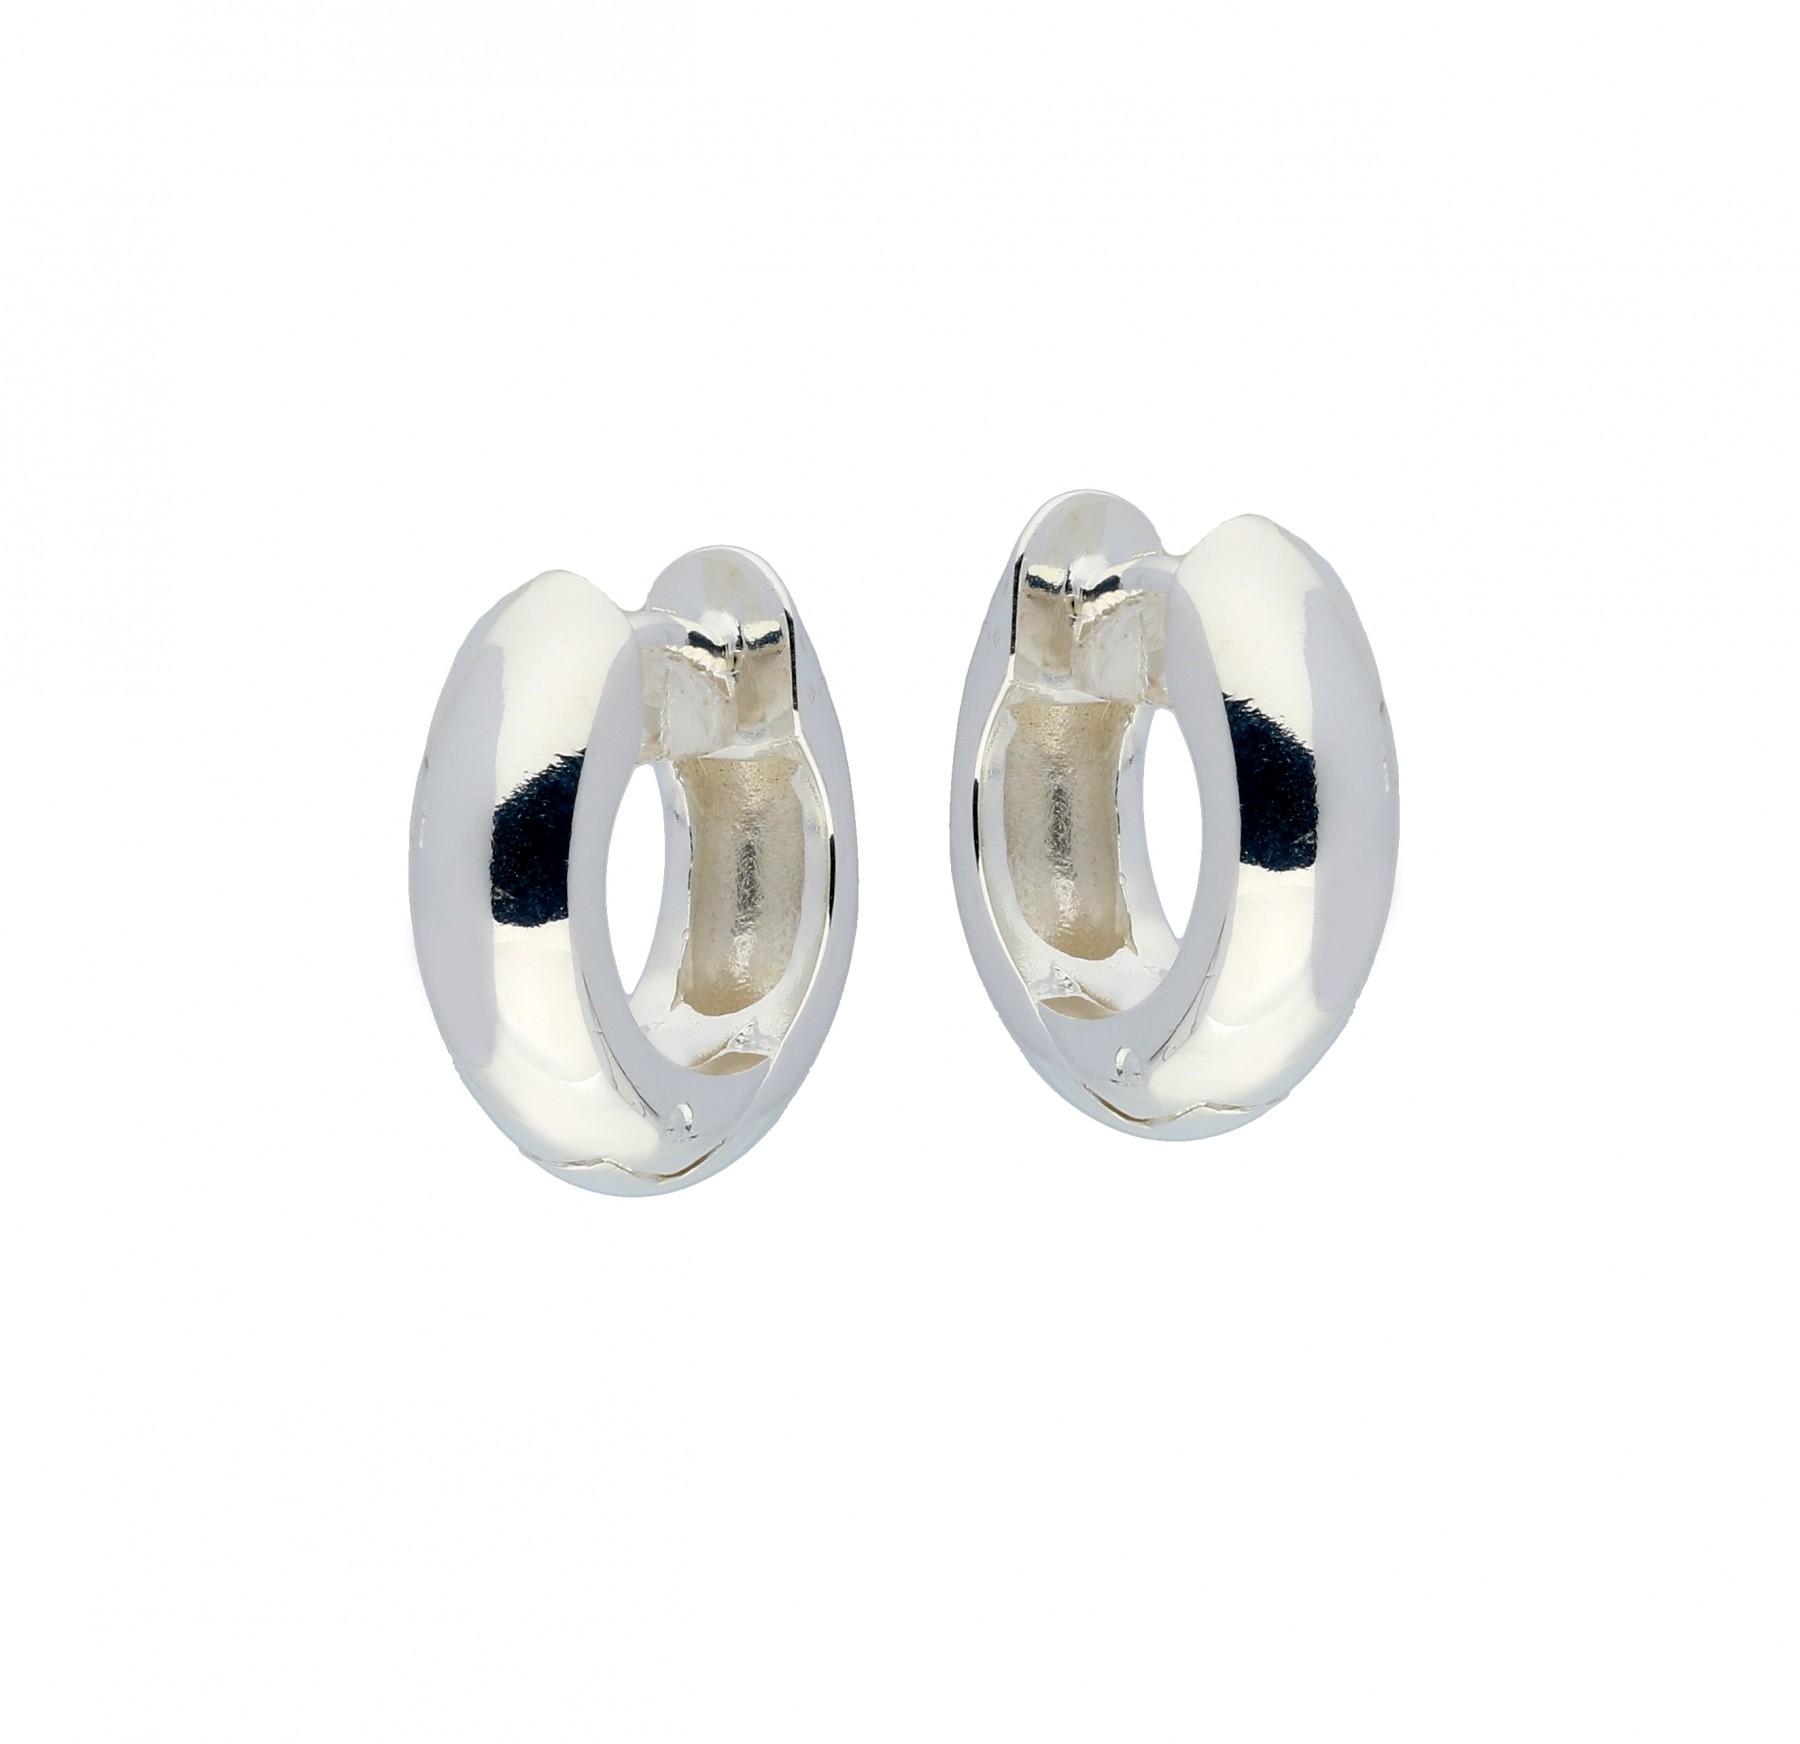 Zilveren klapcreolen - ronde buis 5 mm  107.0069.14